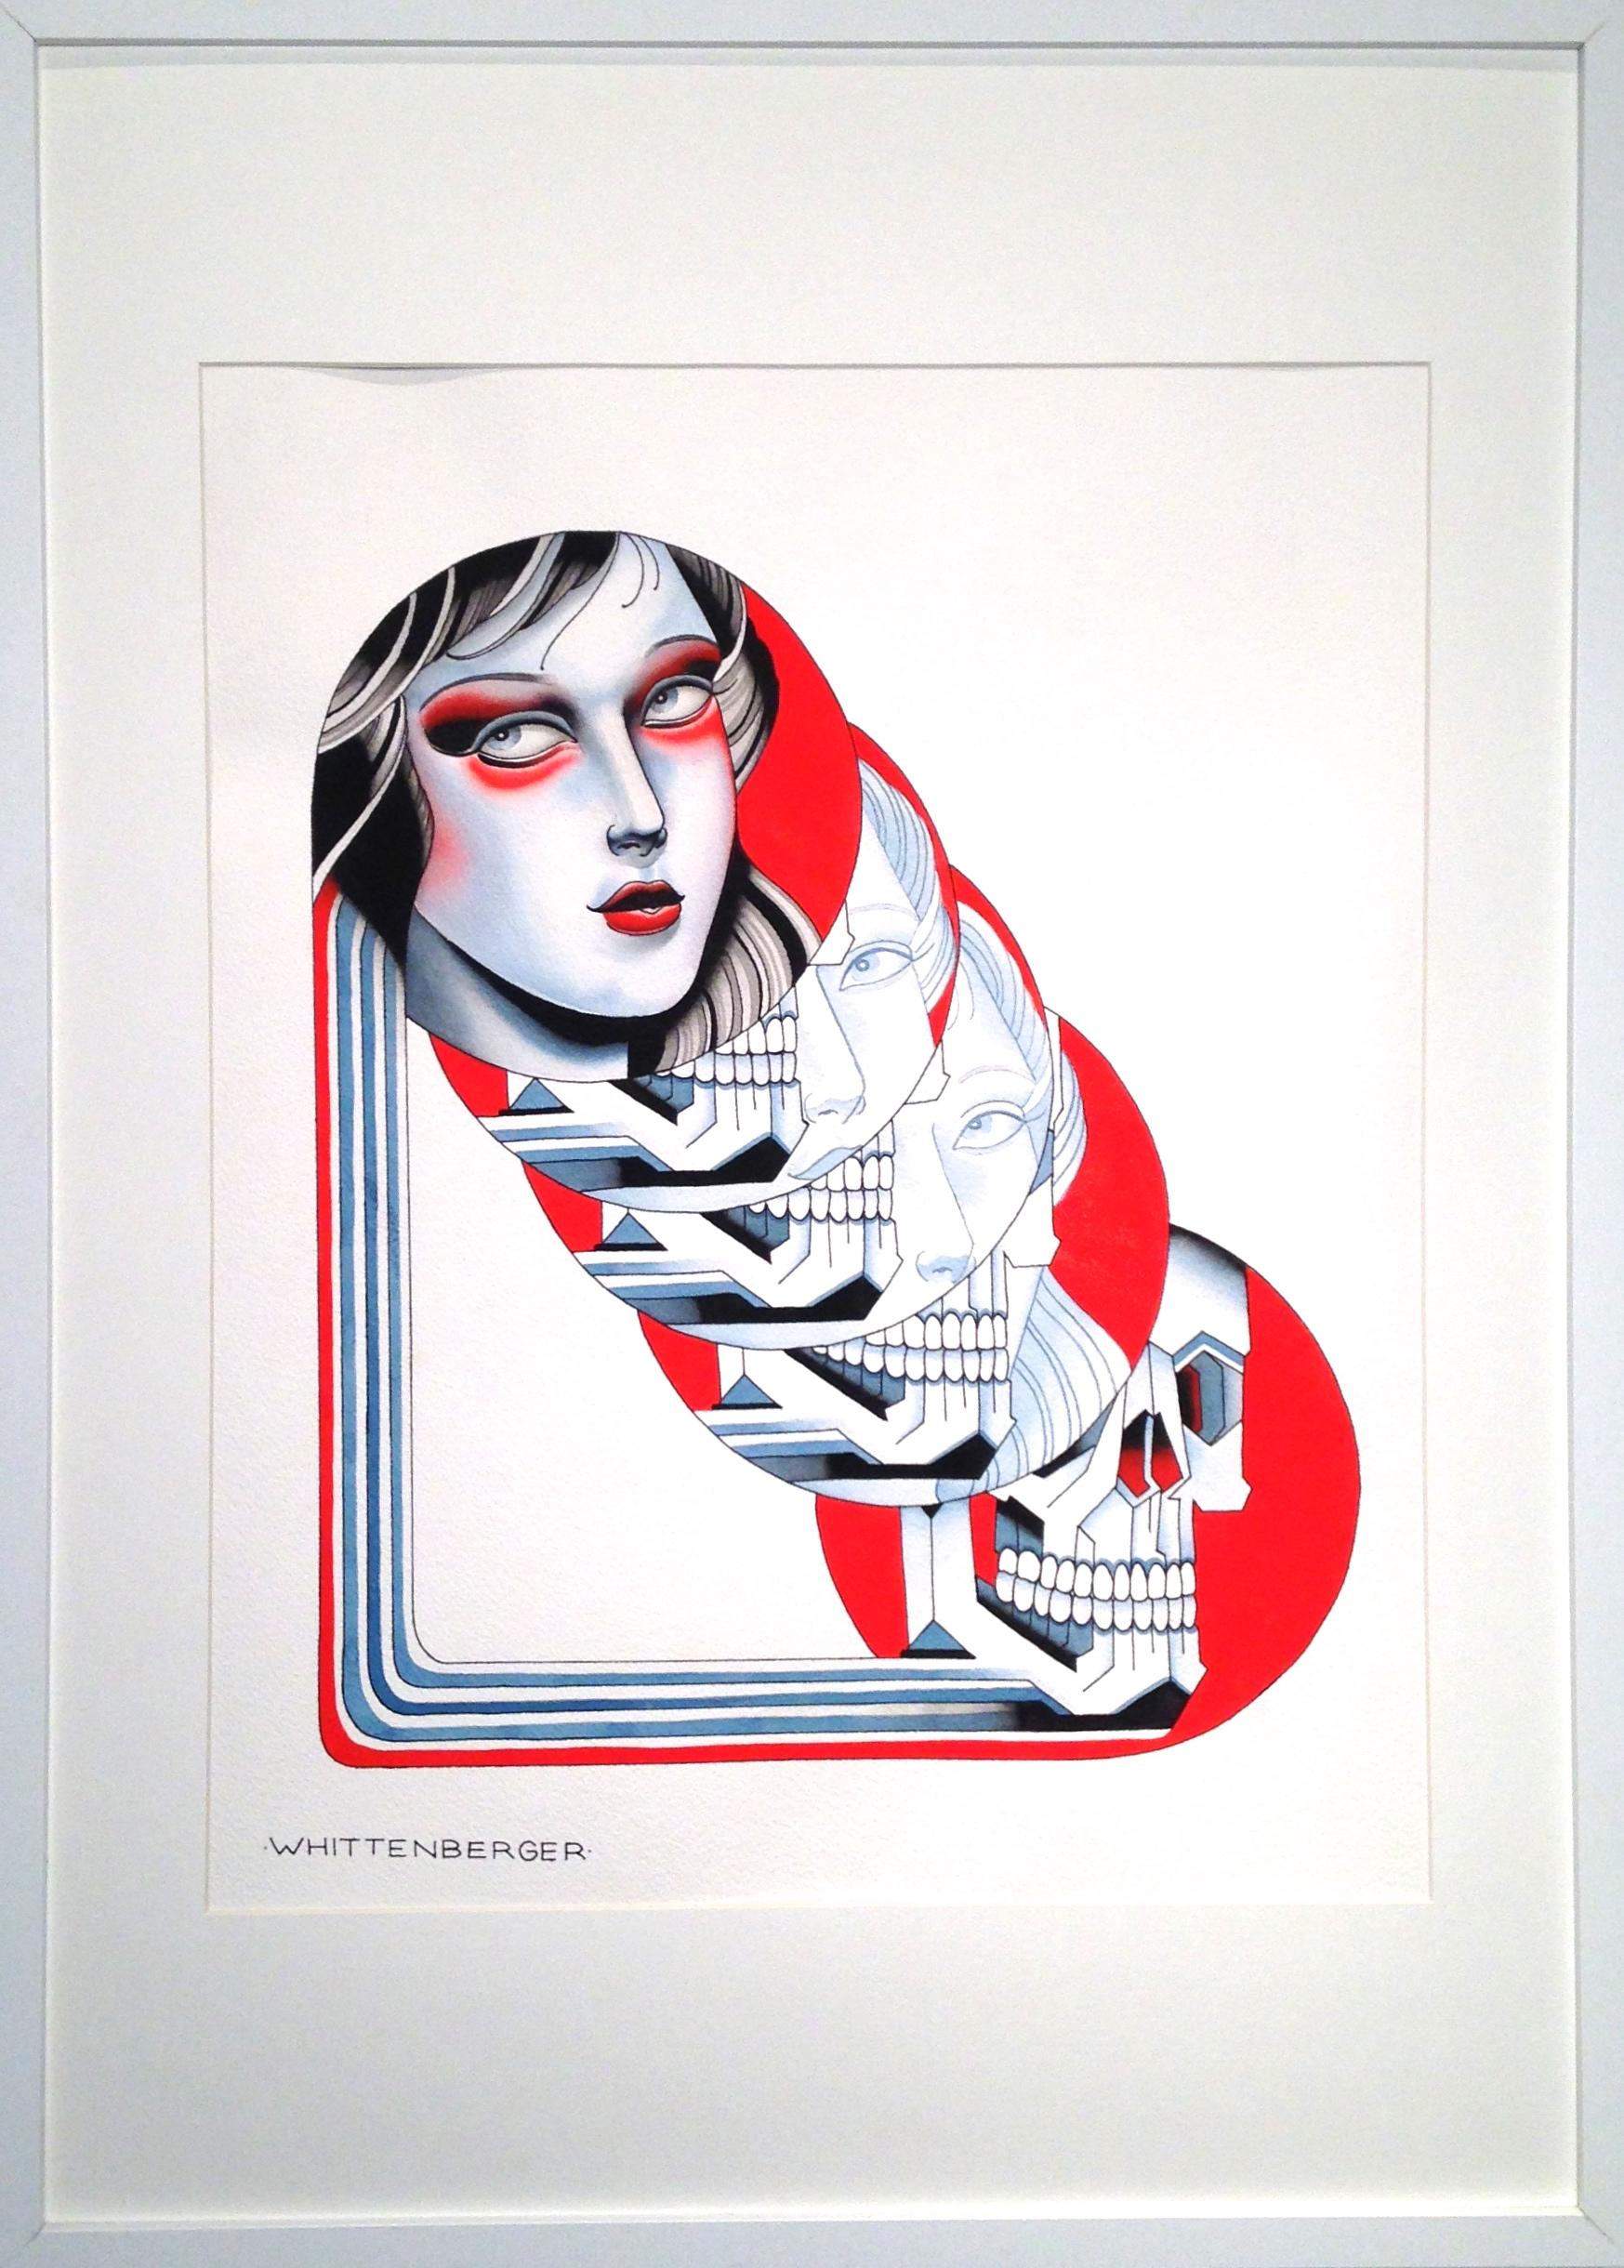 OBERON 19 IN. x 27 in. framed  $400